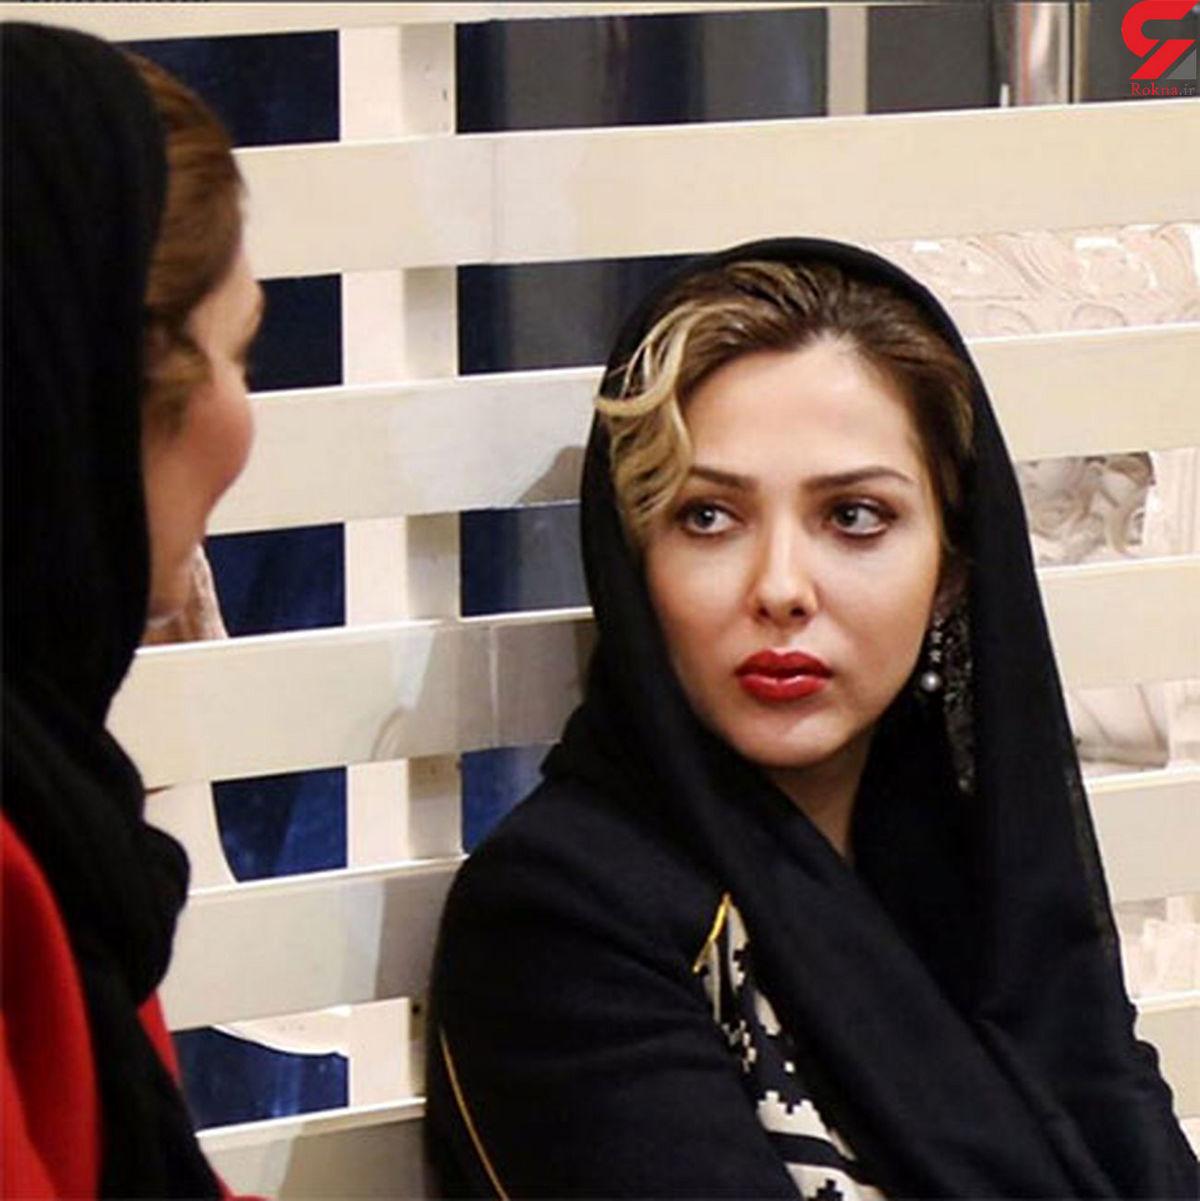 عکس بی روسری خانم بازیگر جنجالی شد + عکس